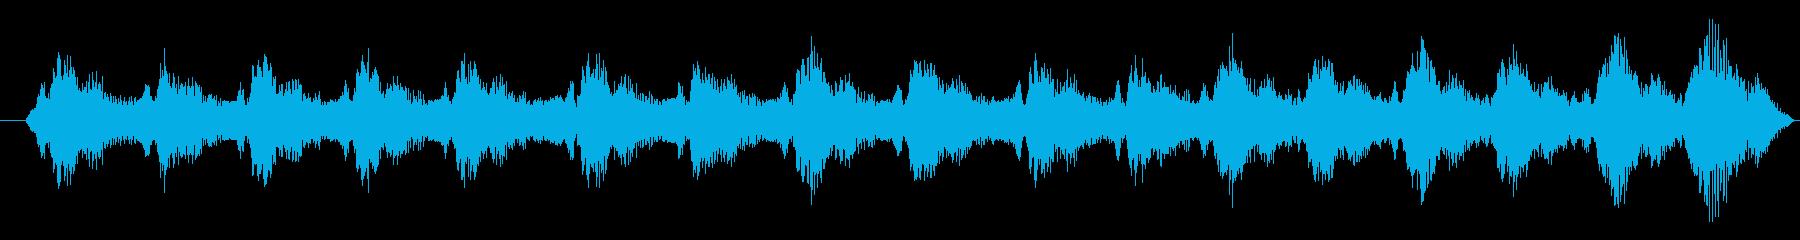 レーシング 車 F1 エンジン回転...の再生済みの波形